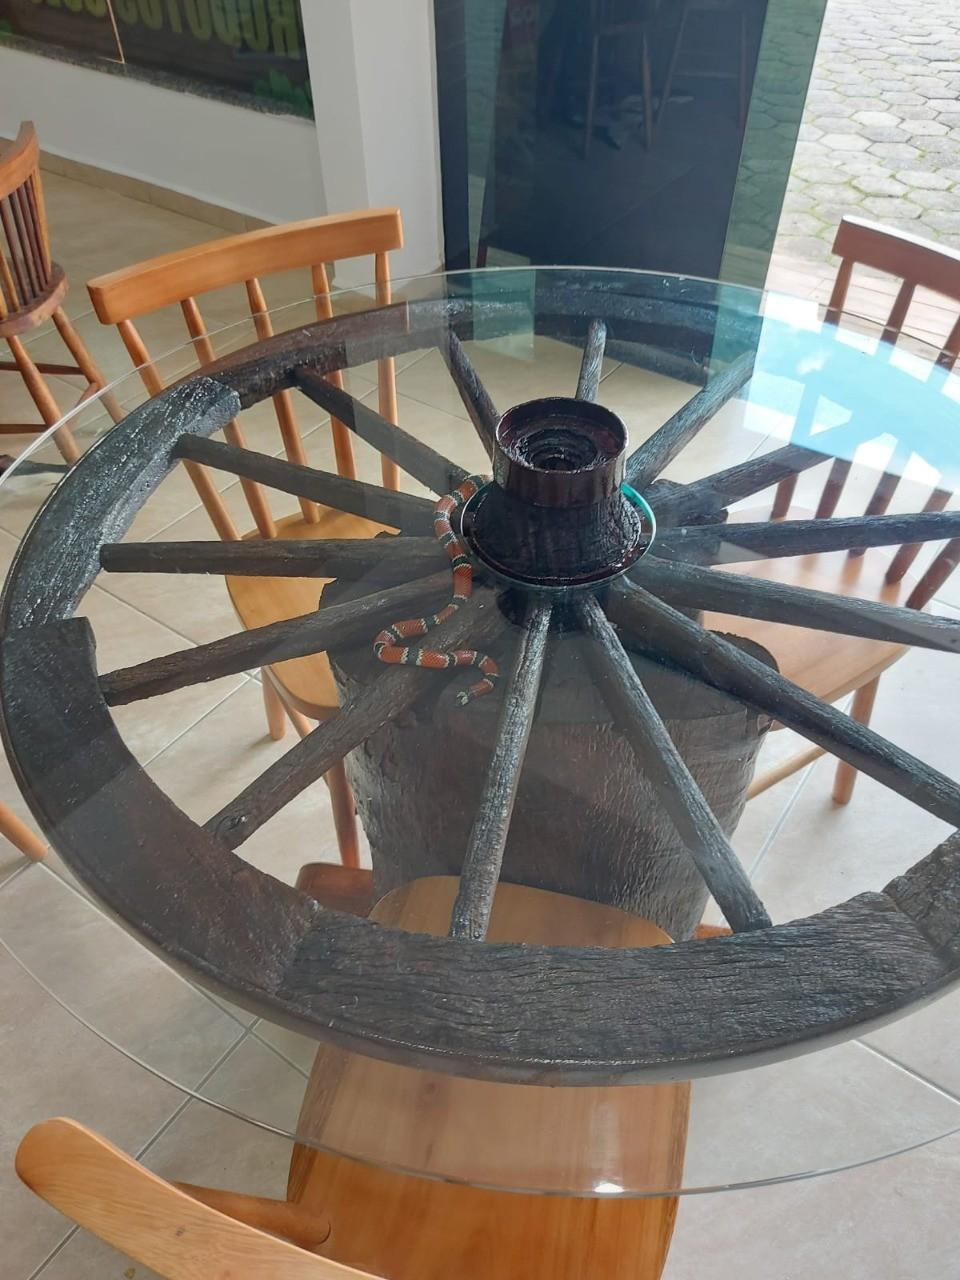 Cobra-coral é encontrada dentro de mesa em loja no Vale do Itajaí